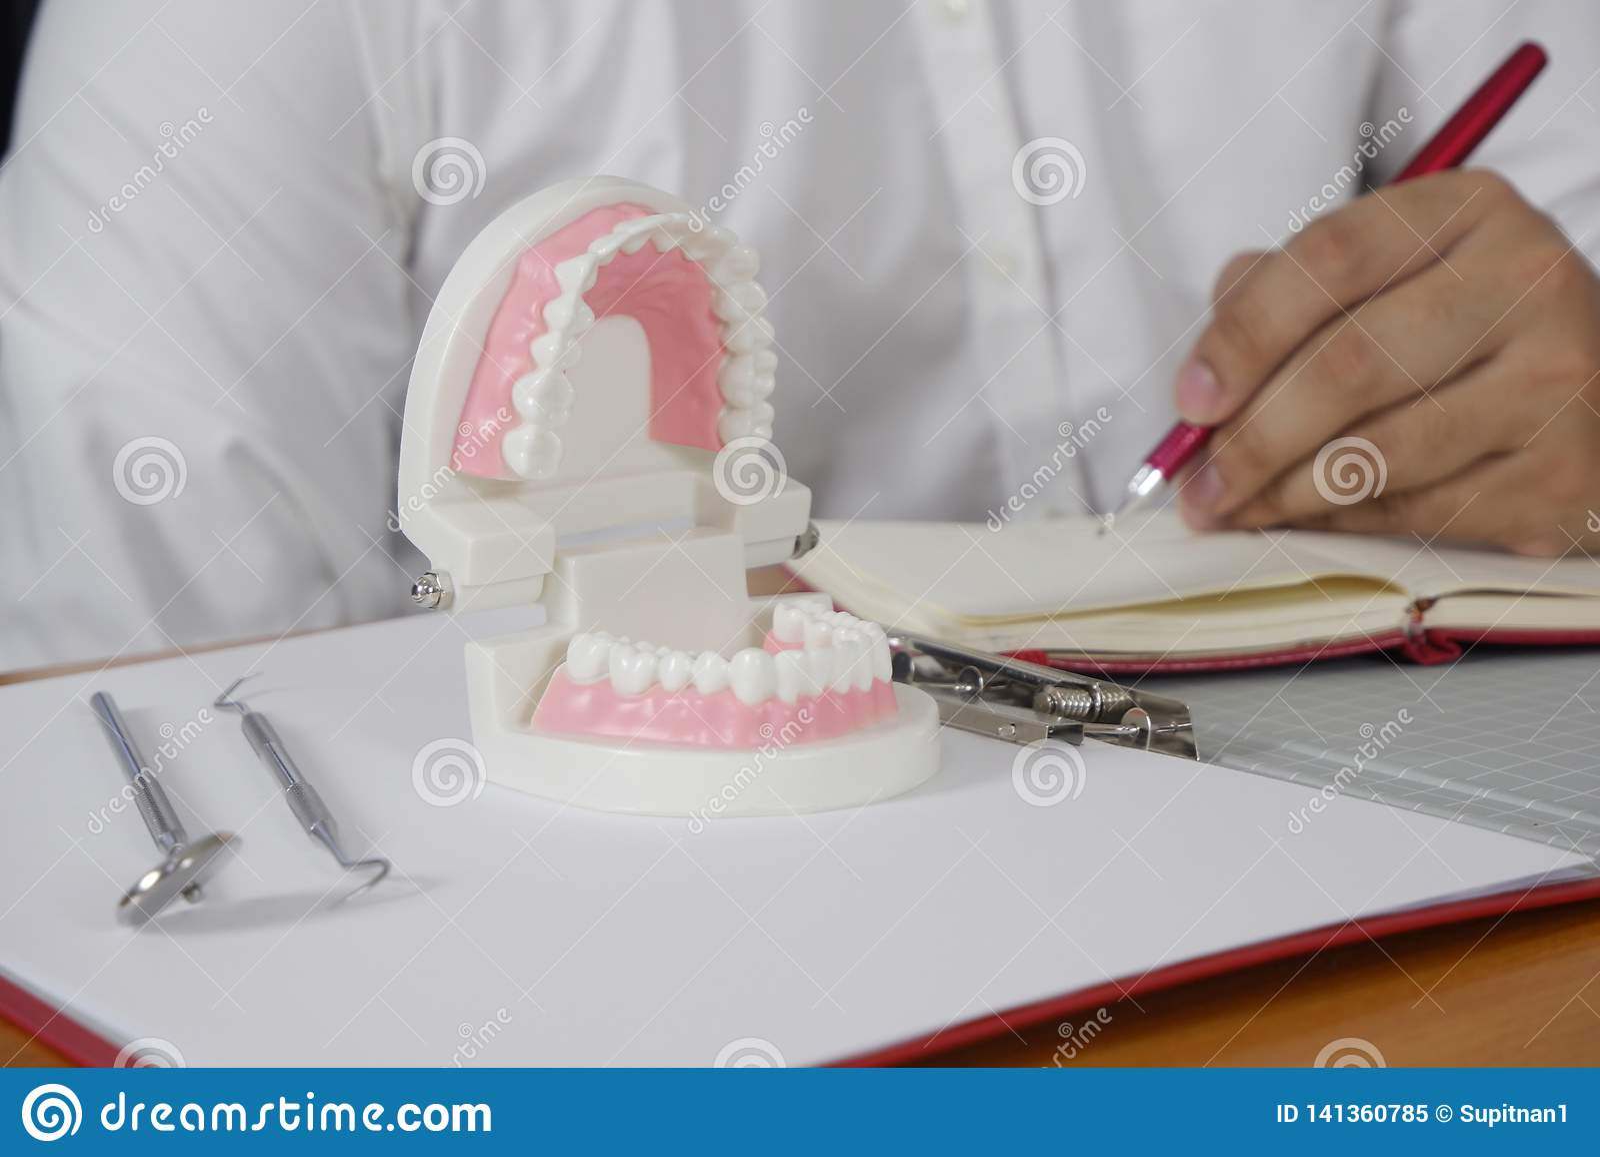 坐在与牙模型的在专业牙齿诊所,牙齿和医疗概念的桌和工具上的牙医